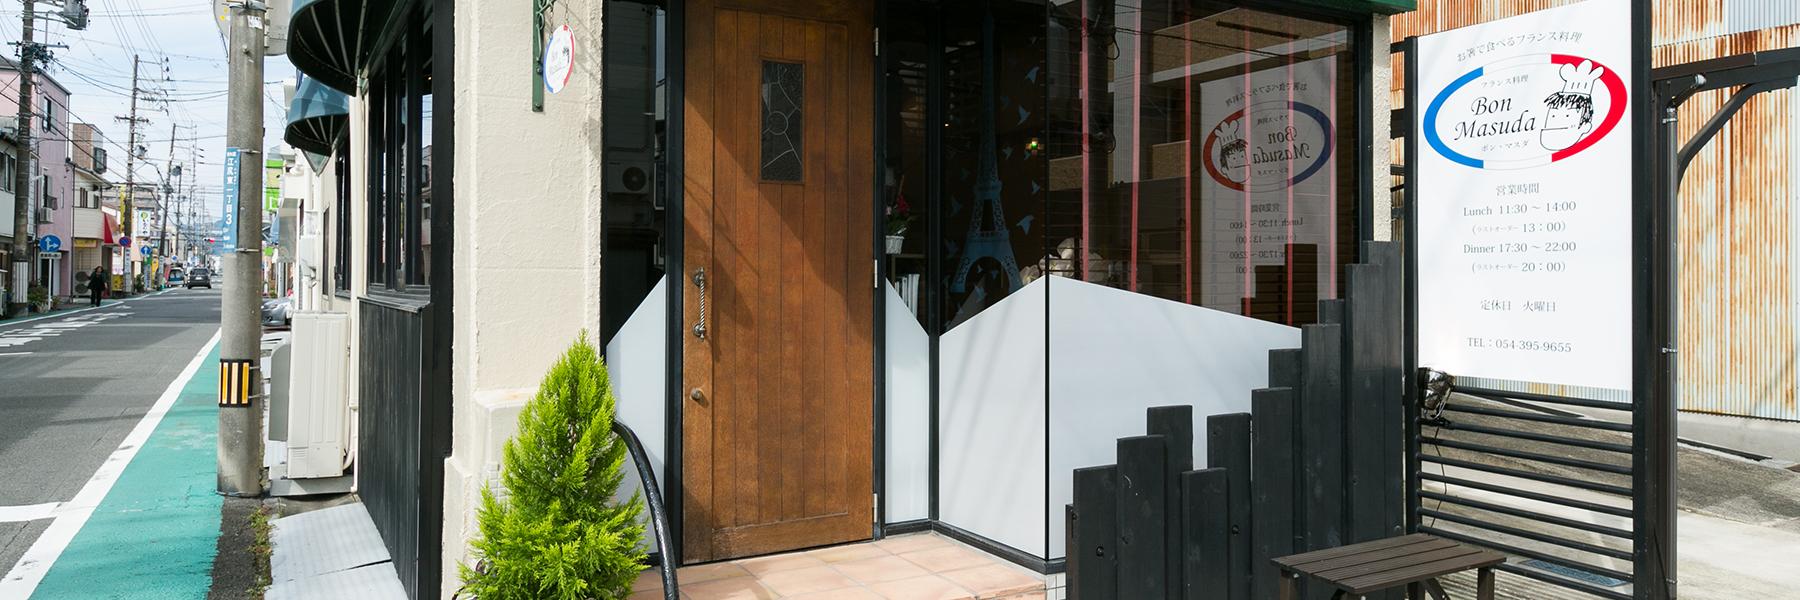 ボンマスダの店舗外観写真